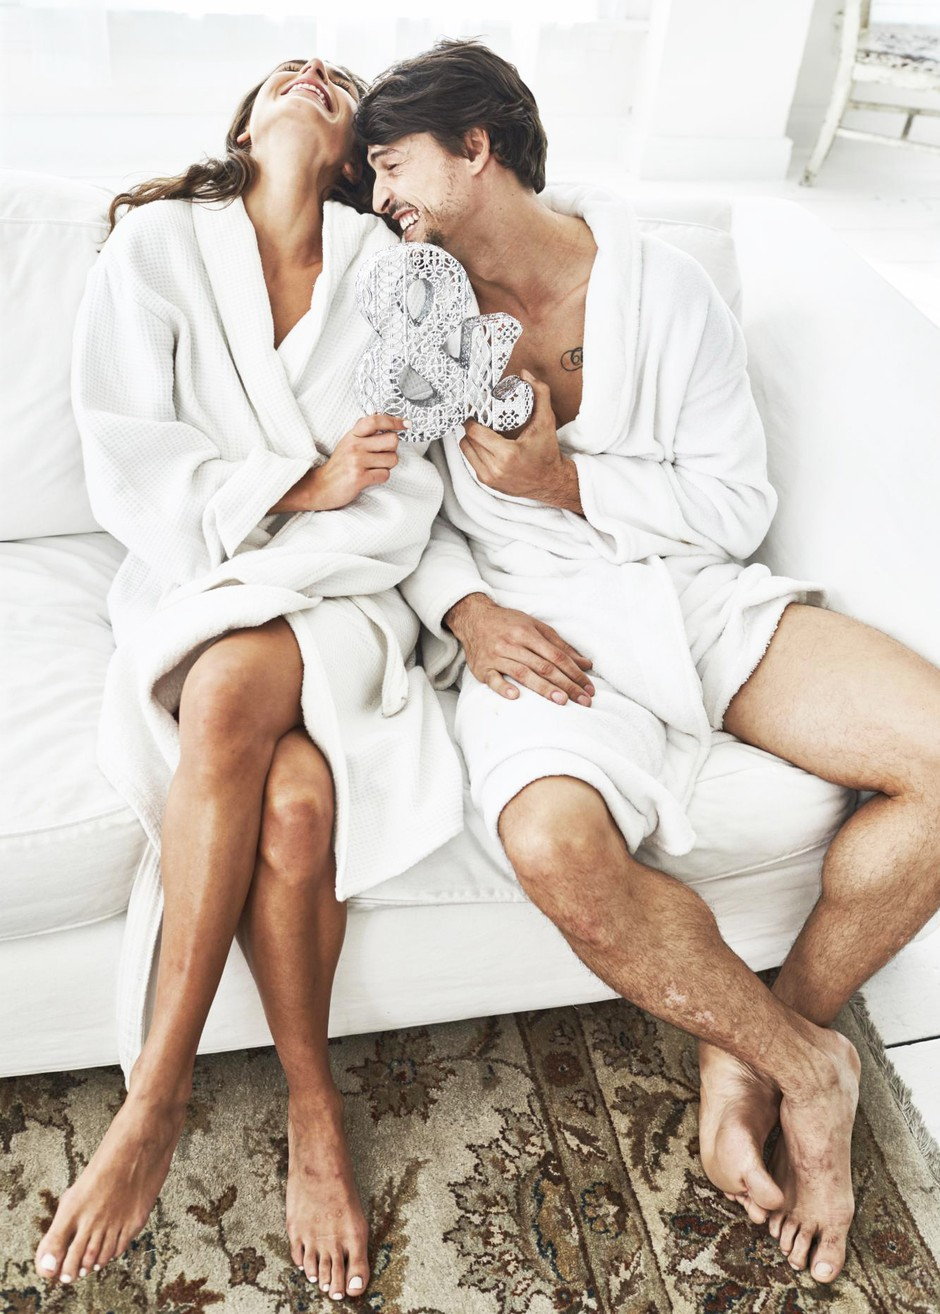 Je moški lahko LE prijatelj z žensko, ki ga zeloooo privlači? TO je odgovor! (foto: Nick Onken)